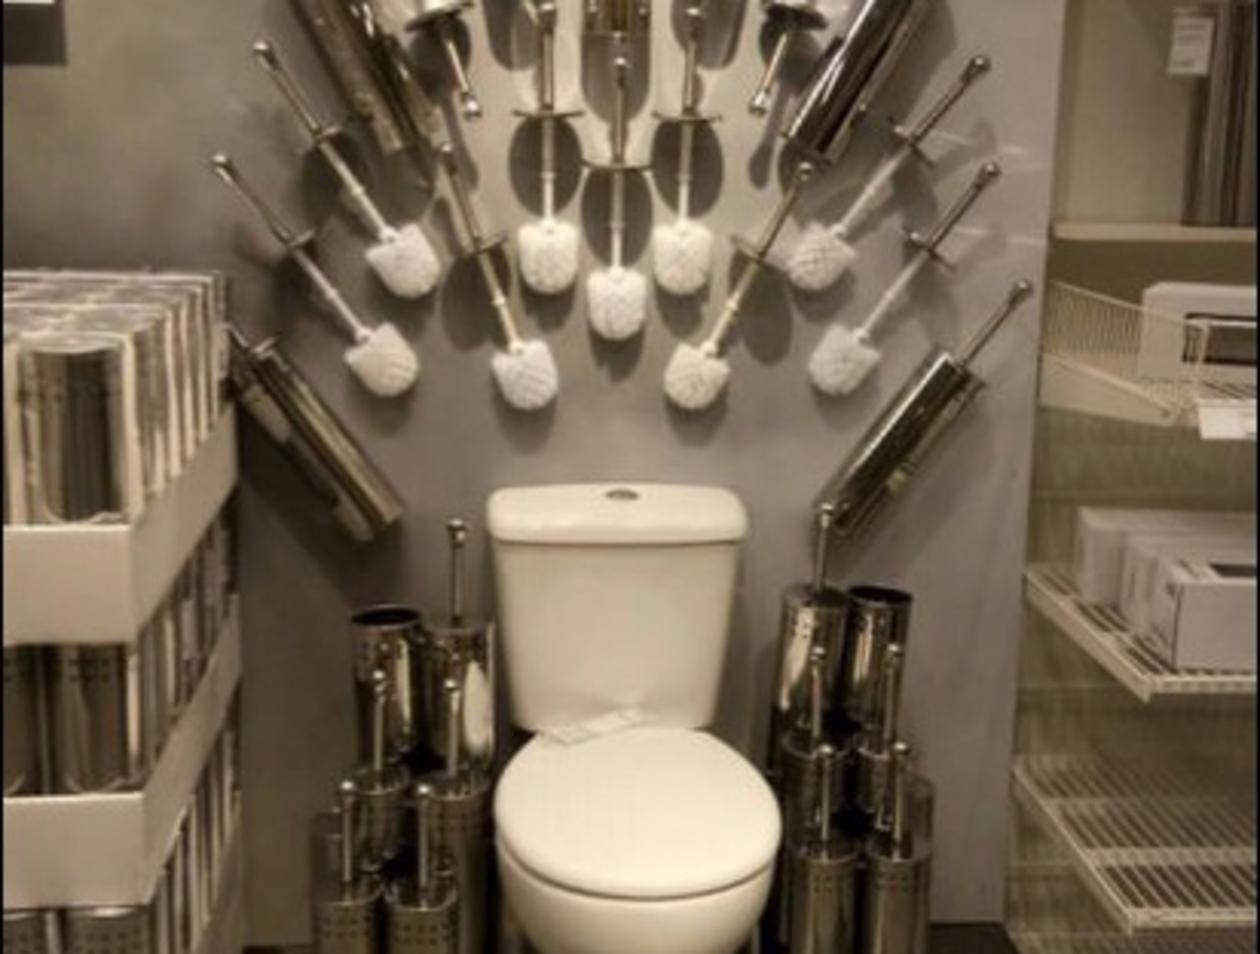 Auf der Toilette thronen: Ikea imitiert \